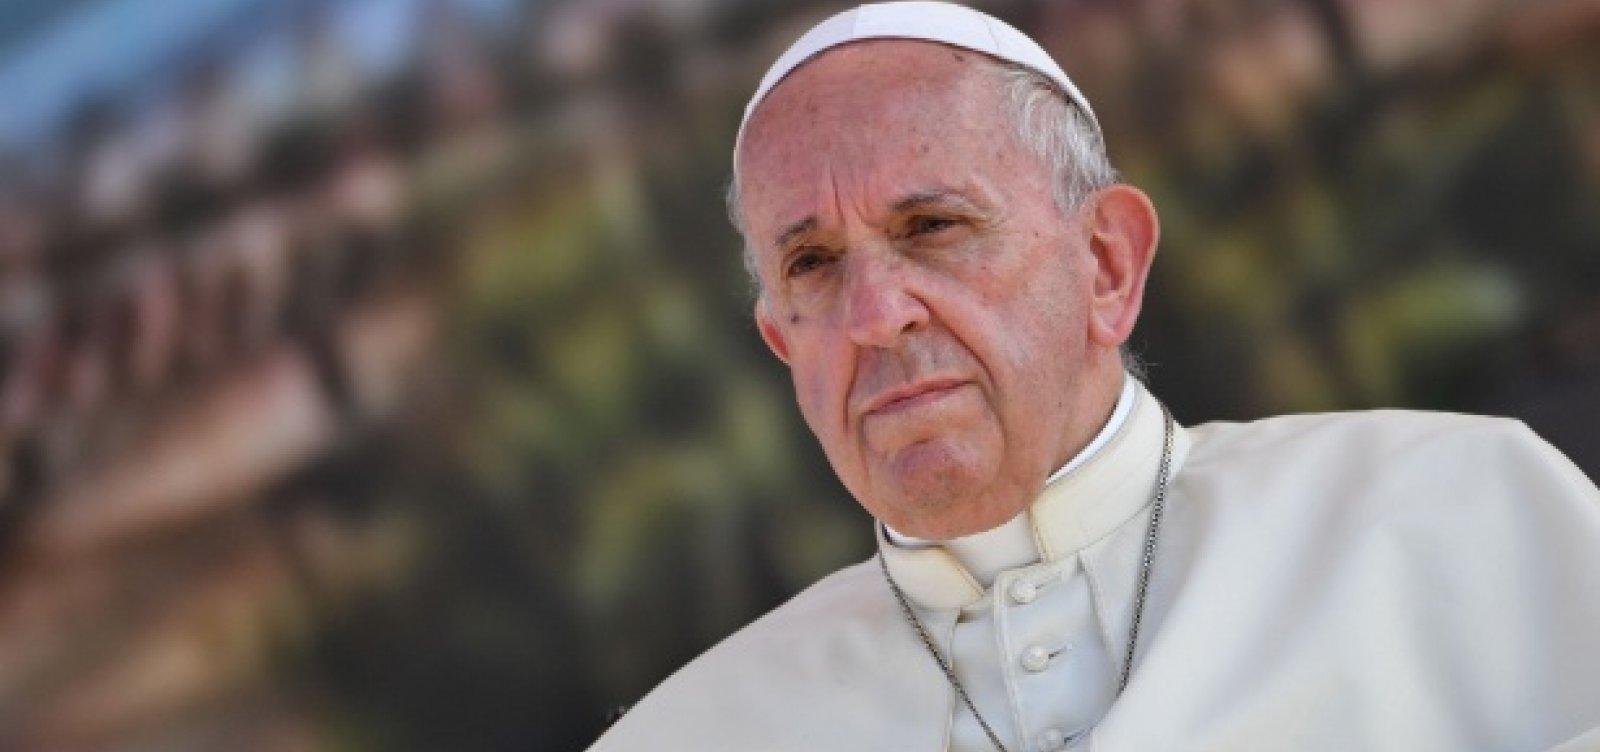 """[Papa alerta para risco de Terceira Guerra Mundial e avanço do populismo, que """"cresce semeando ódio""""]"""